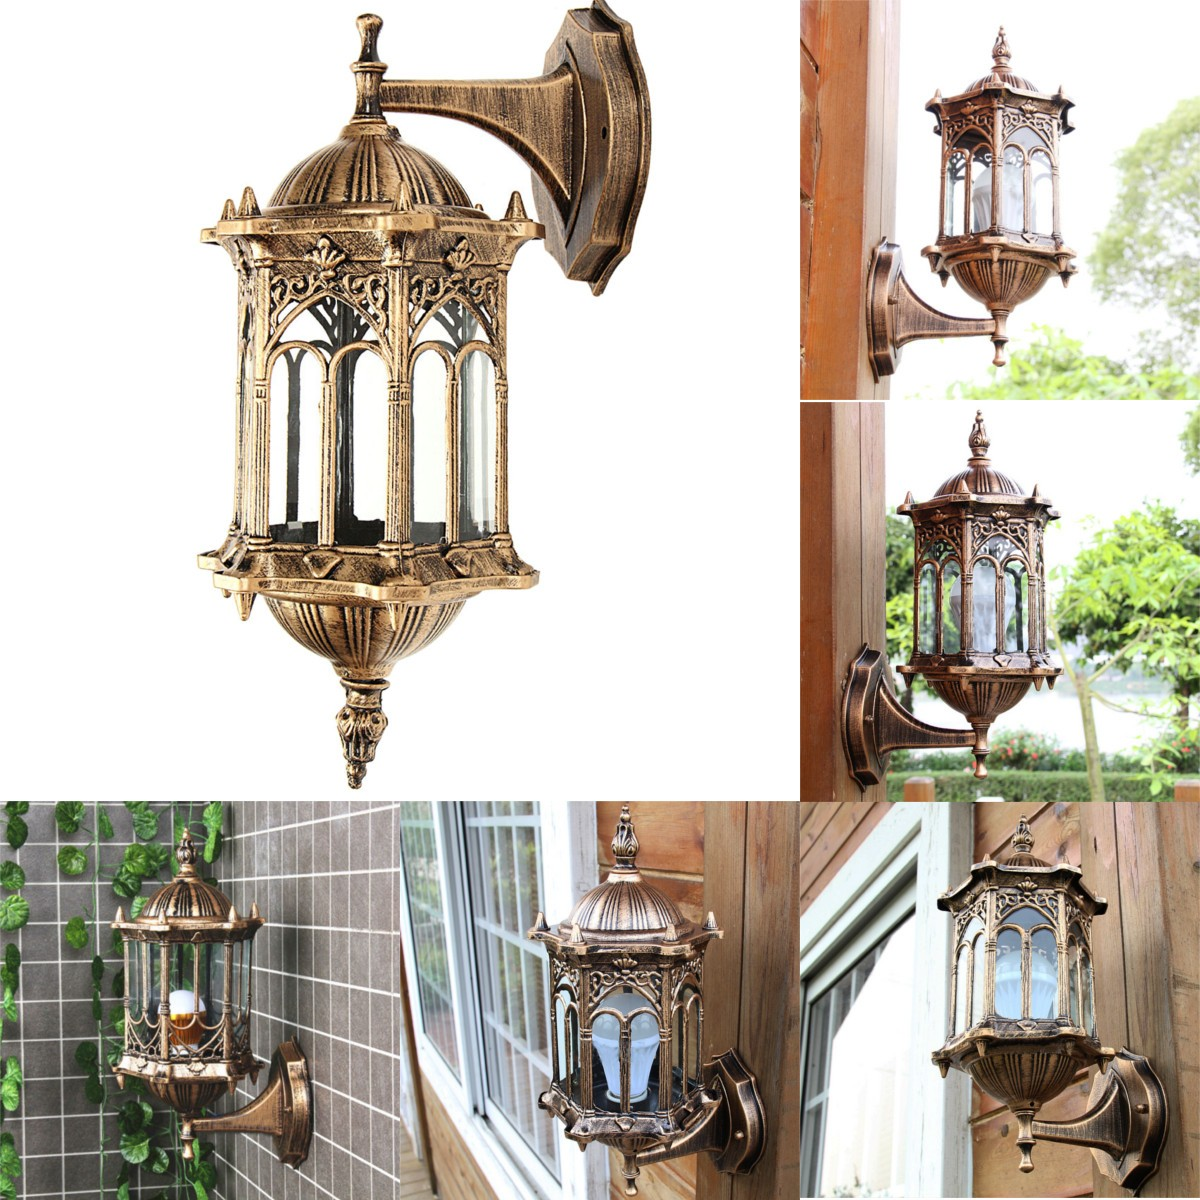 Outdoor bronze antique exterior wall light fixture aluminum glass lantern garden lamp alex nld for Bronze exterior light fixtures